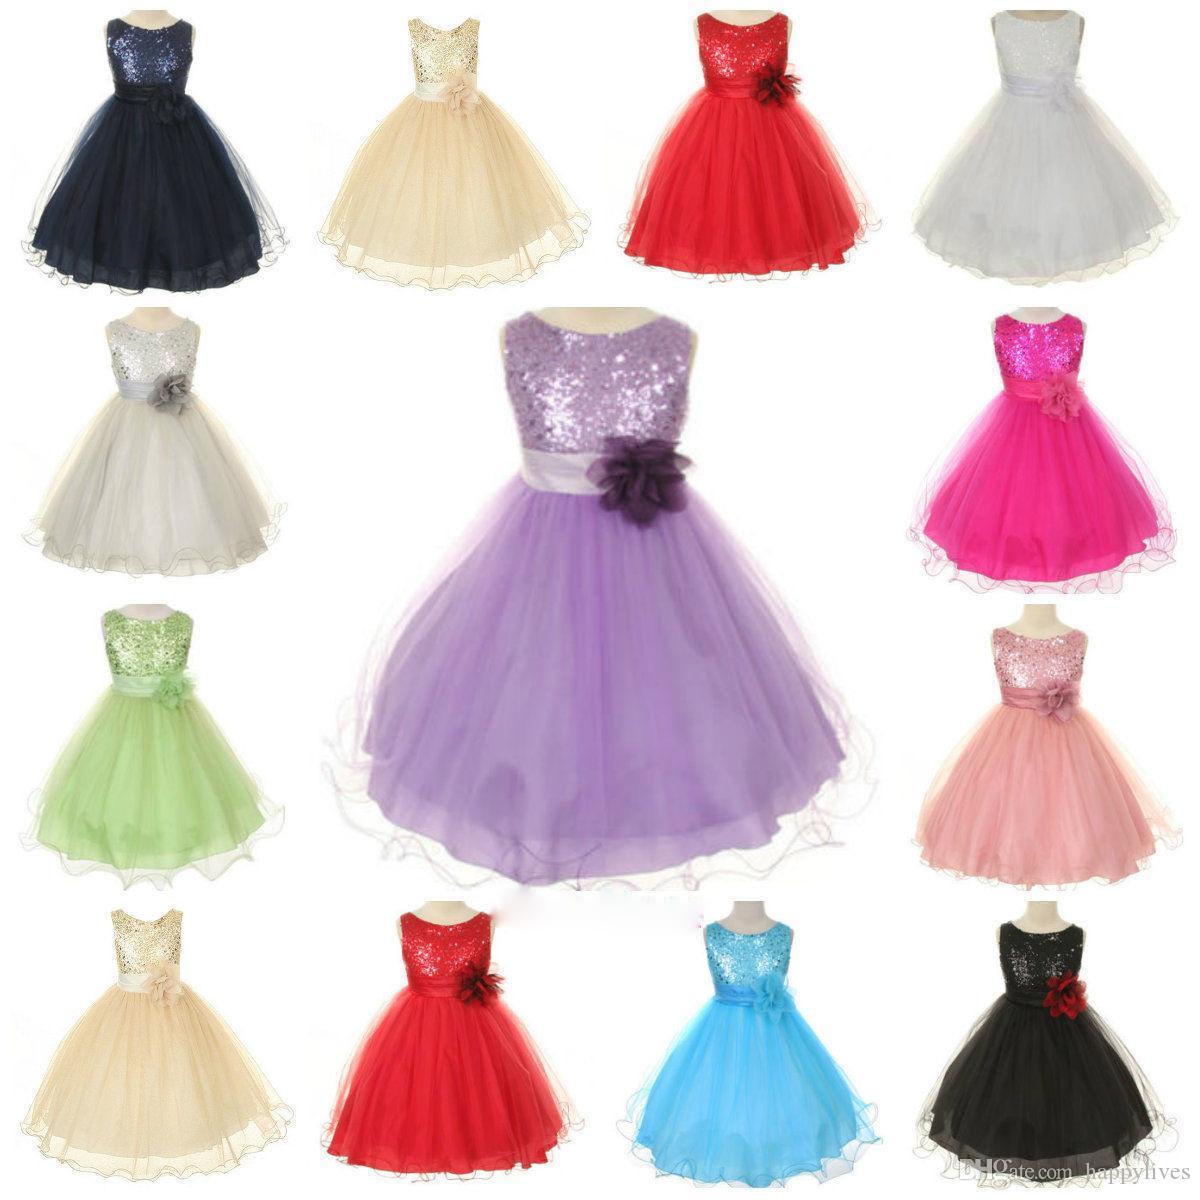 Großhandel Blumenmädchen Kleidet Partei Abschlussball Prinzessin ...